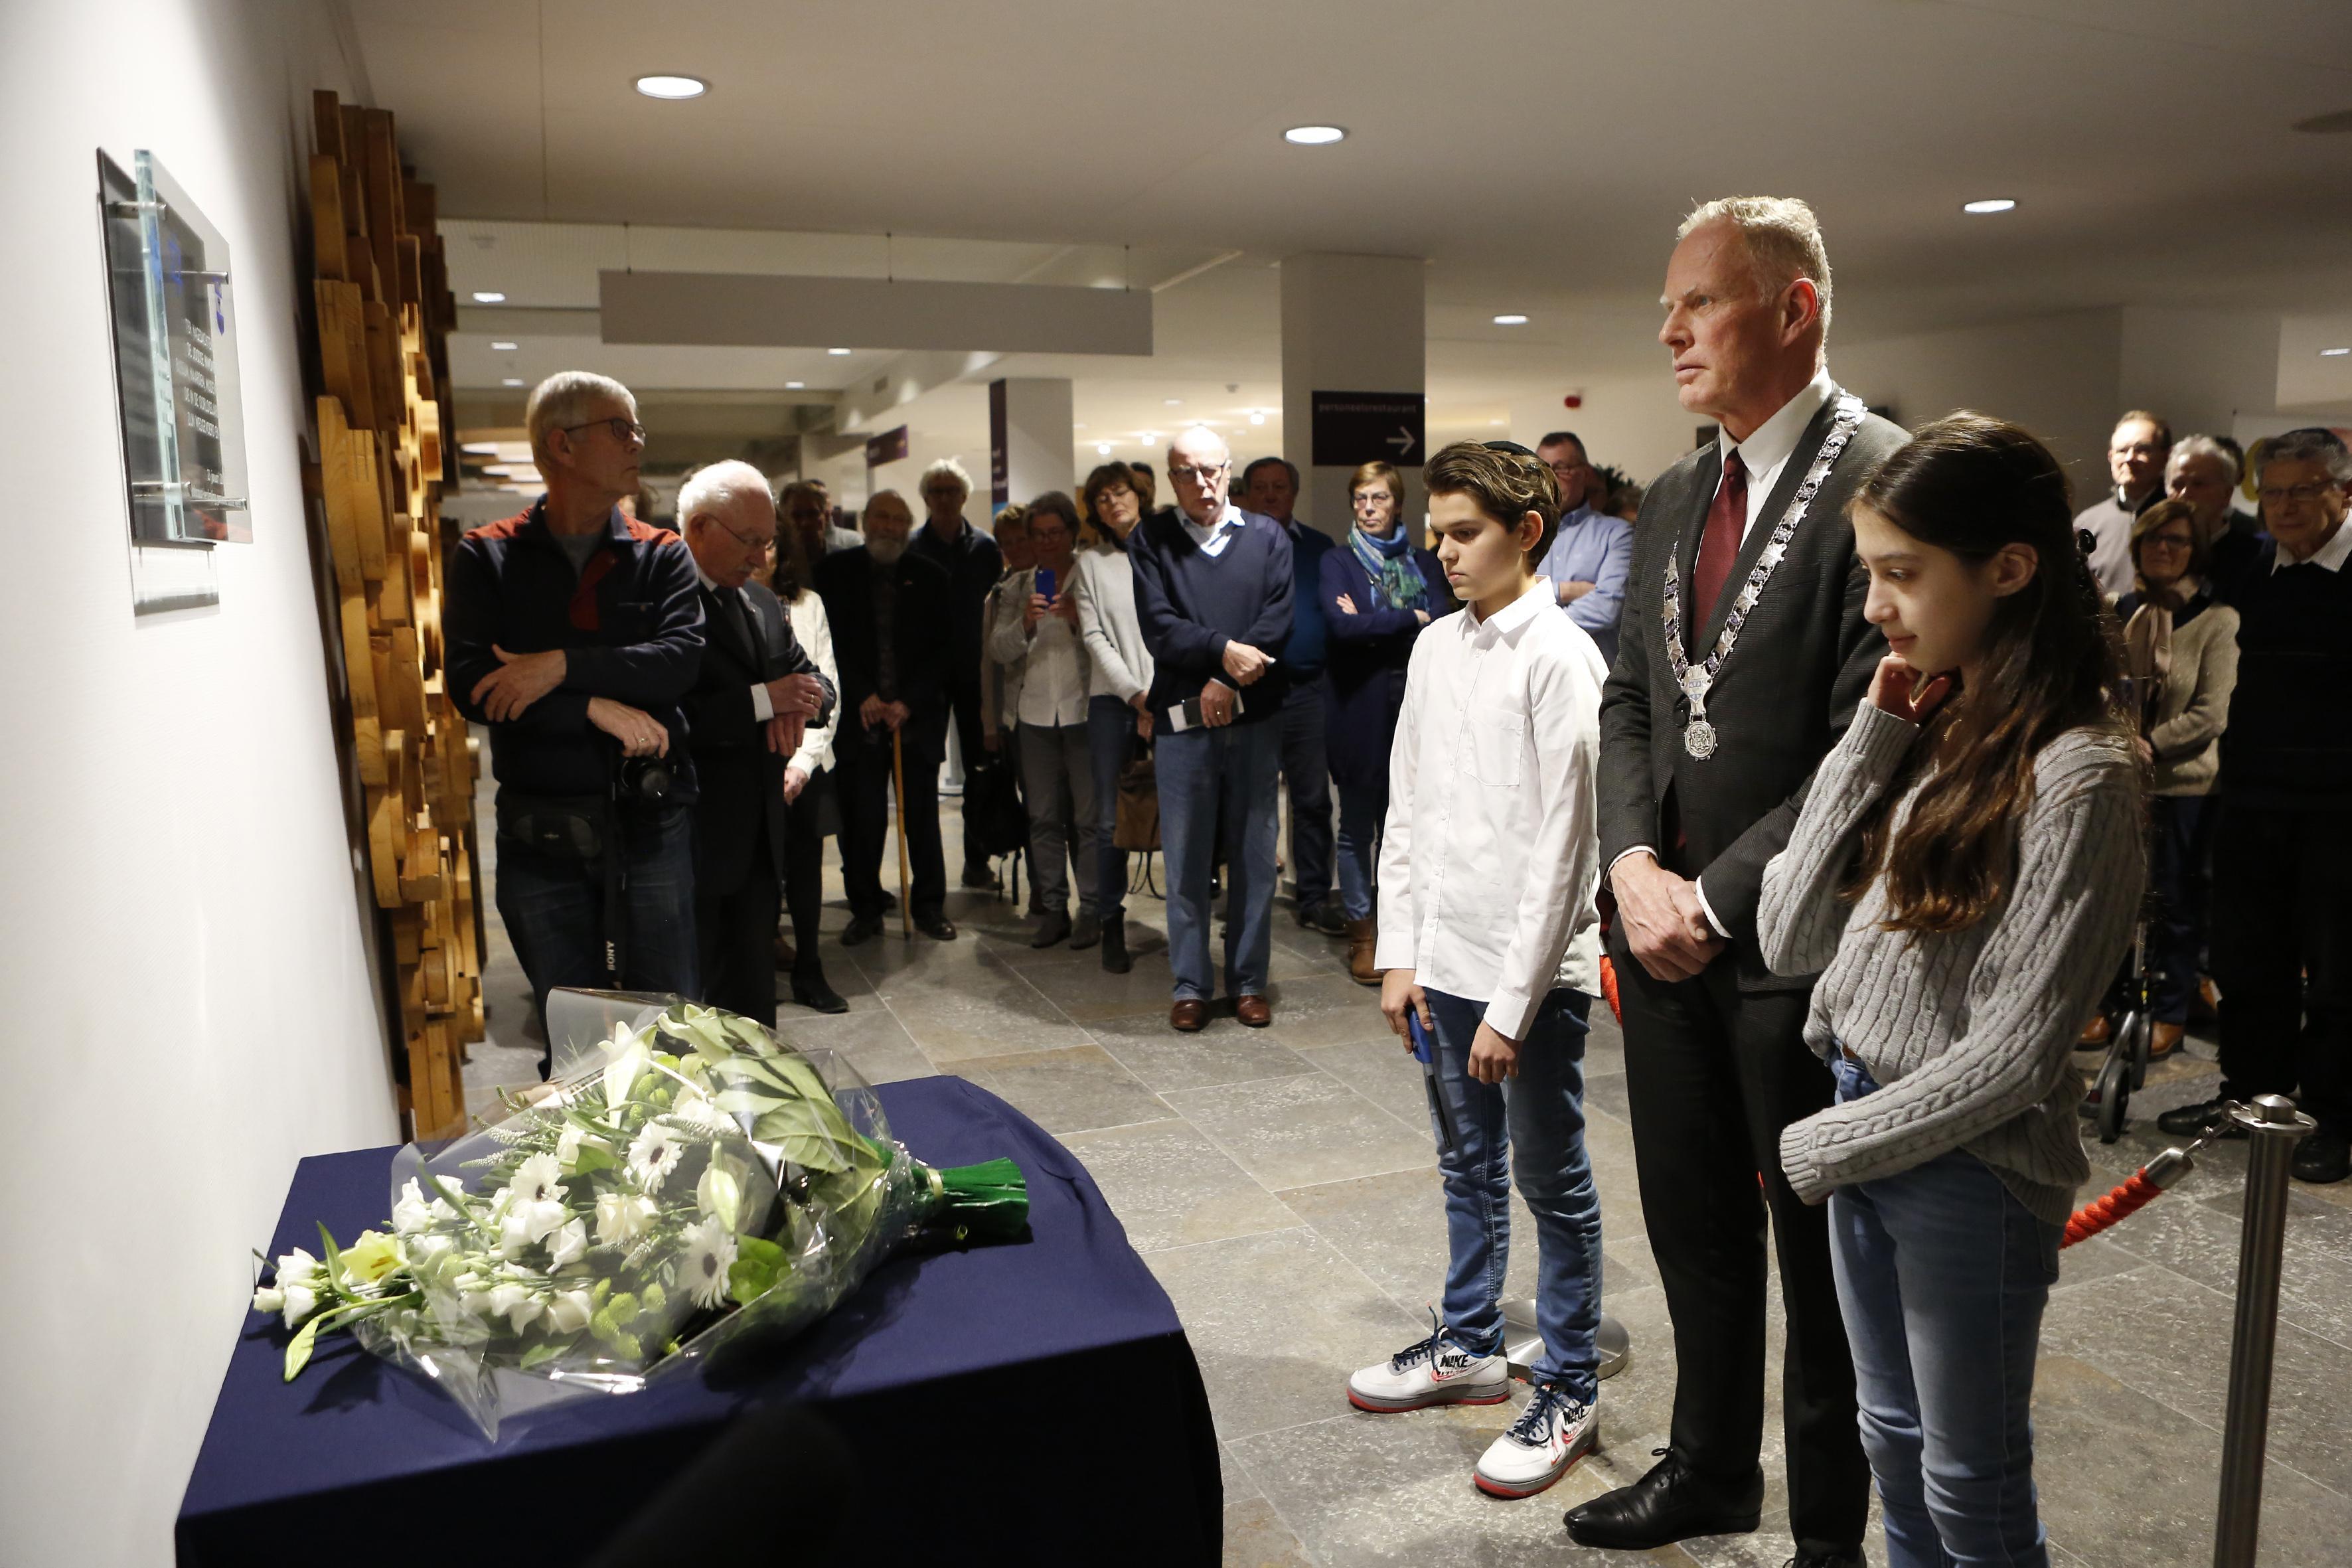 Holocaust-herdenking Gooise Meren met documentairemaker Frenk van der Linden via livestream te volgen; Herdenking Baarn afgelast